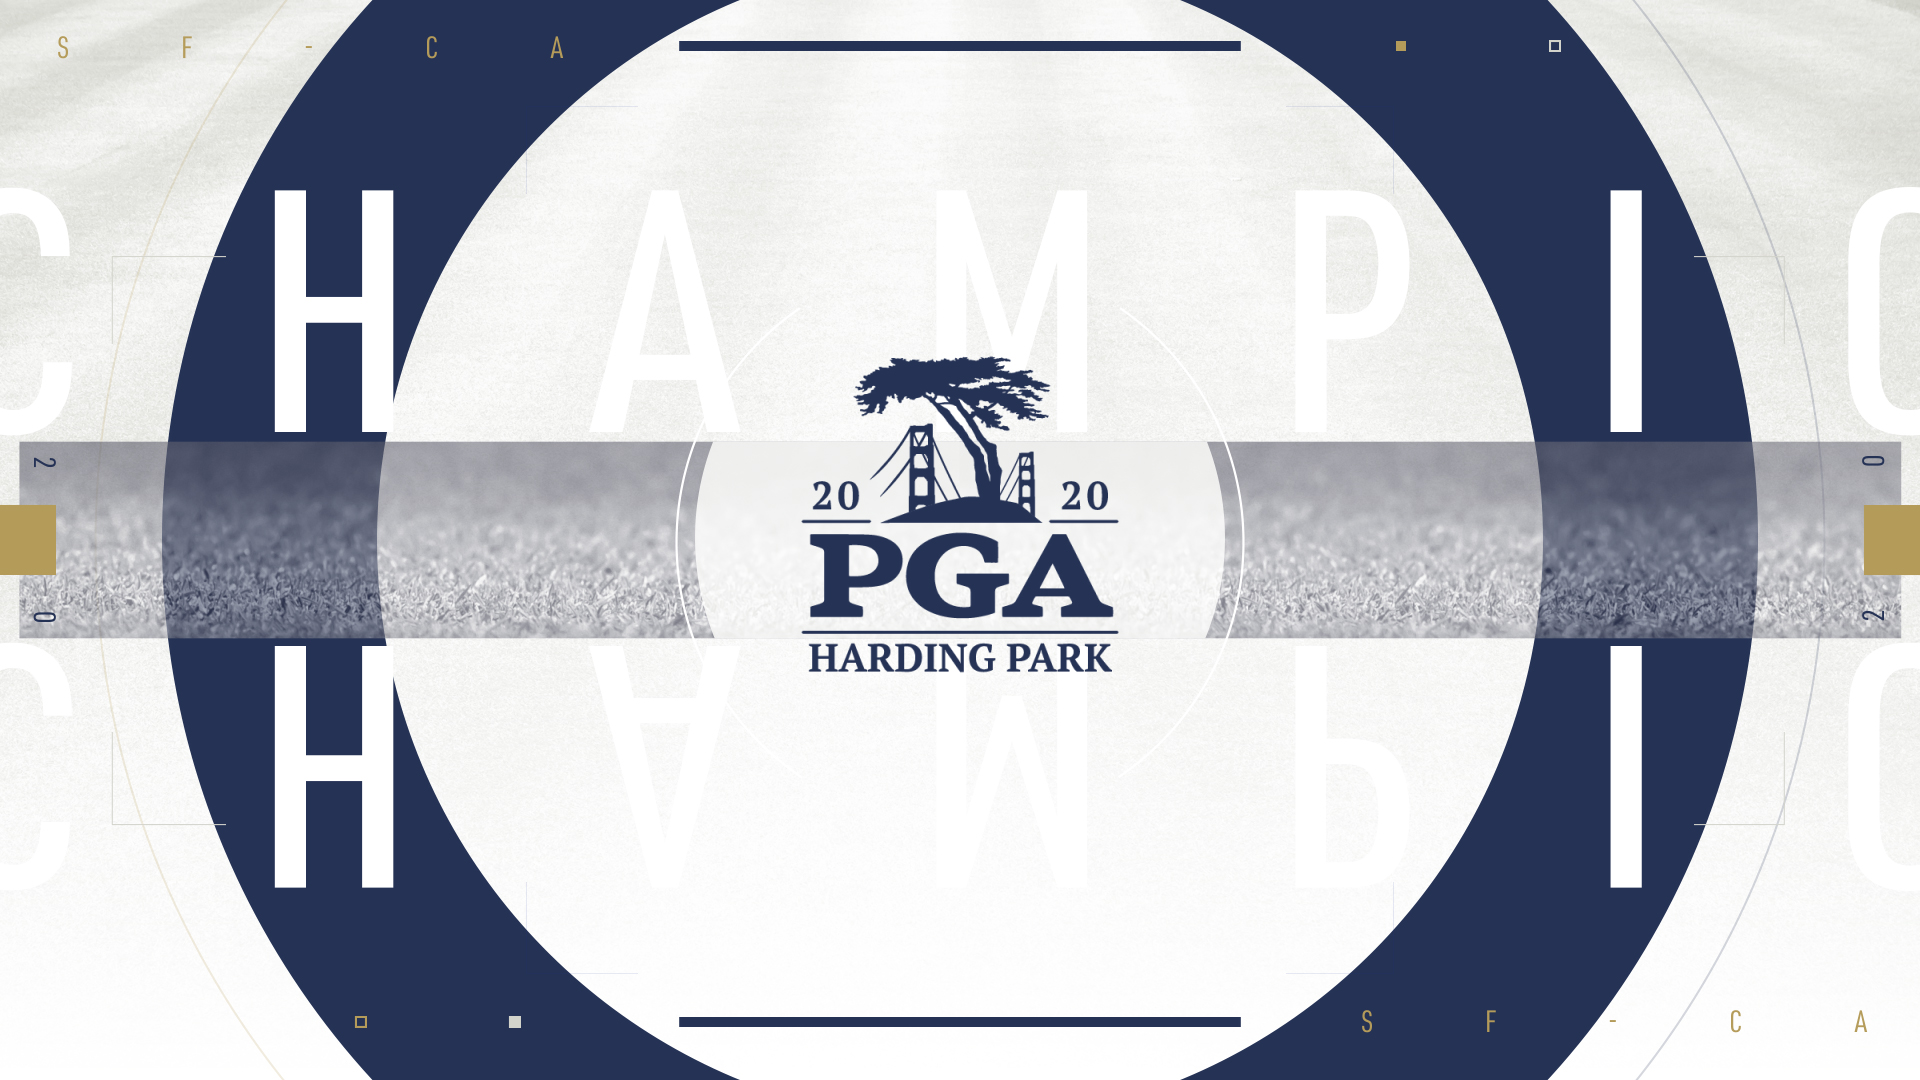 PGA Championship_SF_ALT_TA V2